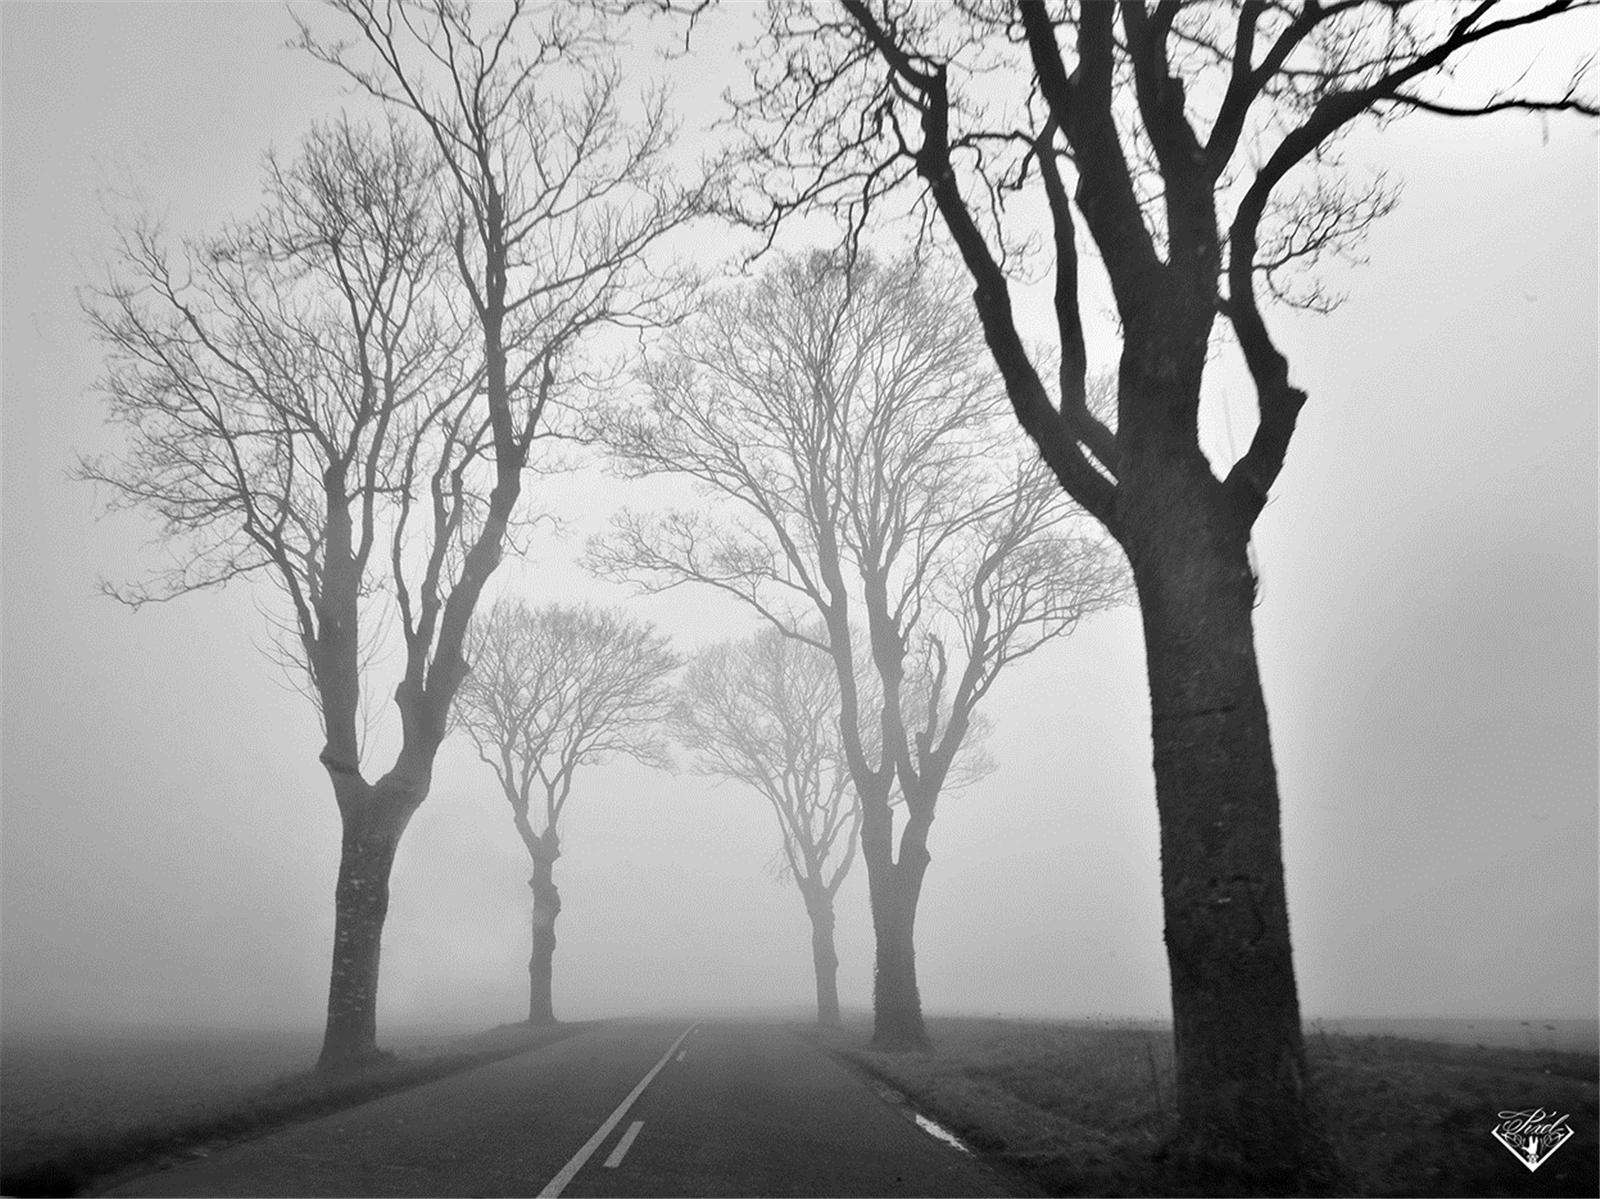 森林黑白静谧中心对称ppt背景图片下载